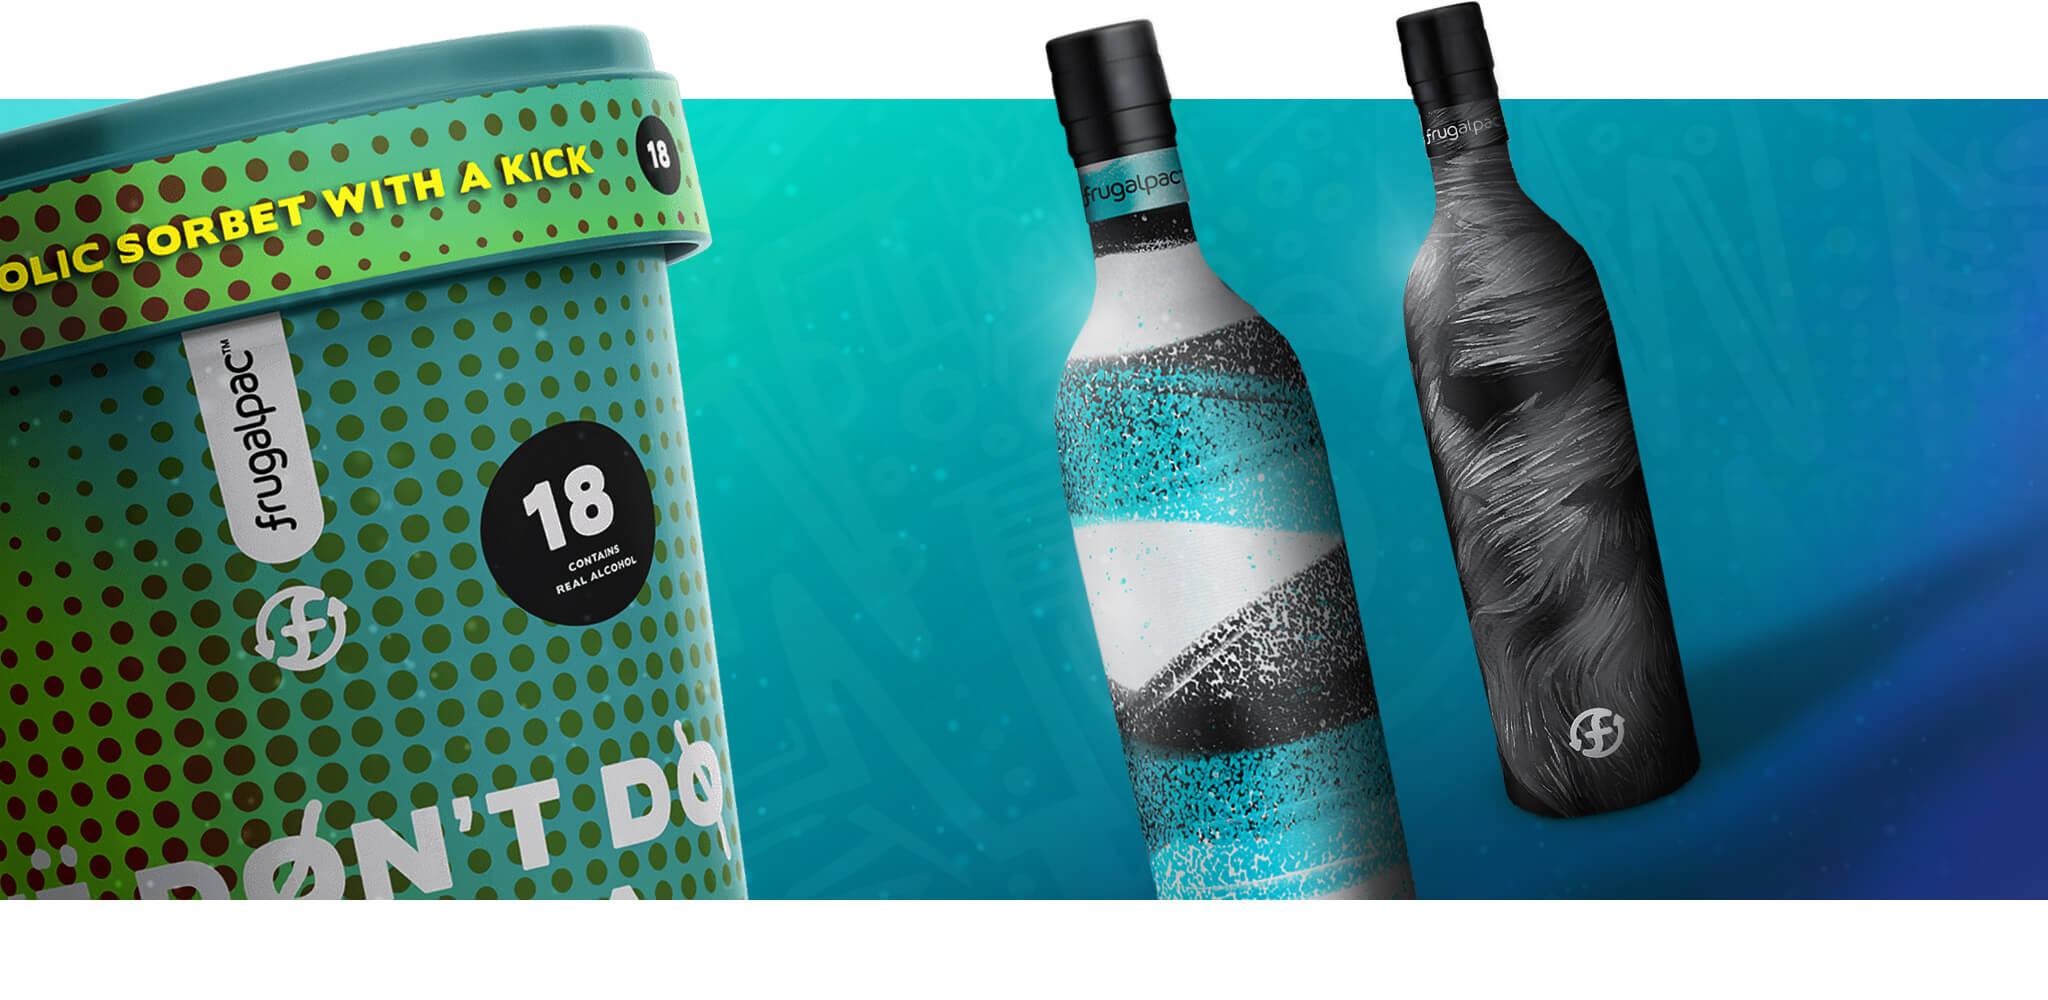 Portfolio Frugalpac Bottle Cup 03